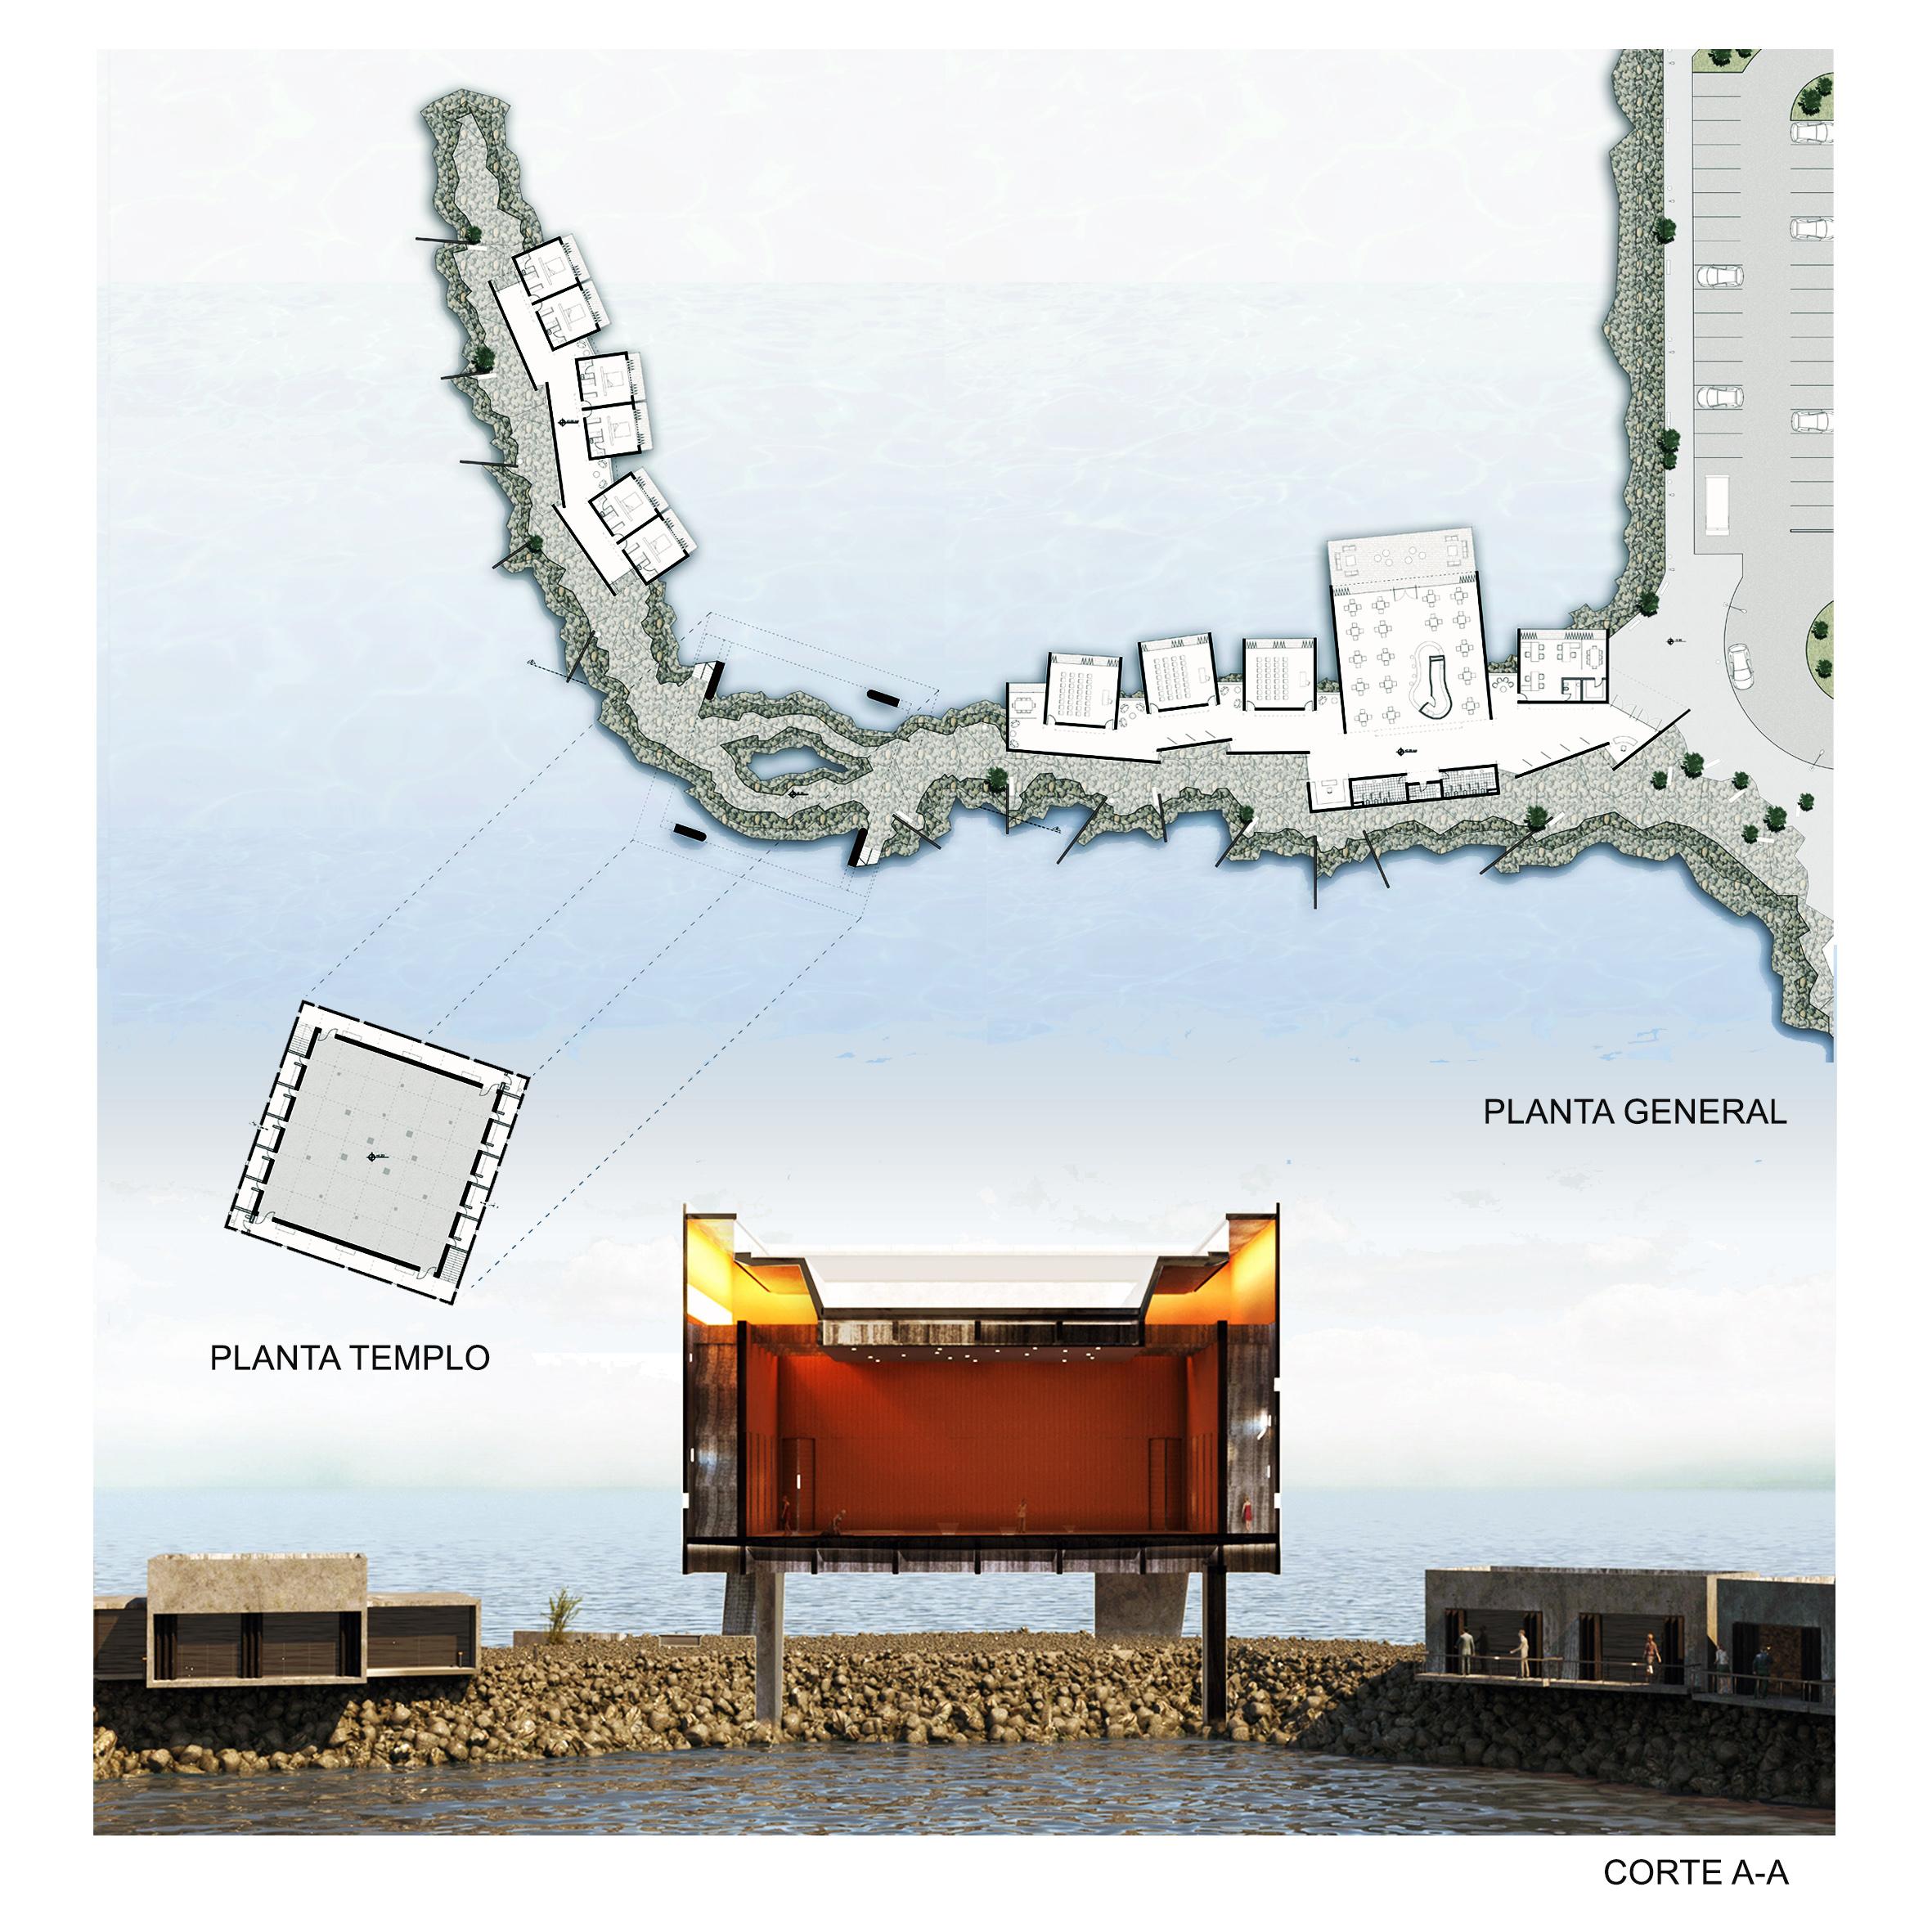 A4-Marcos Sundblad-15